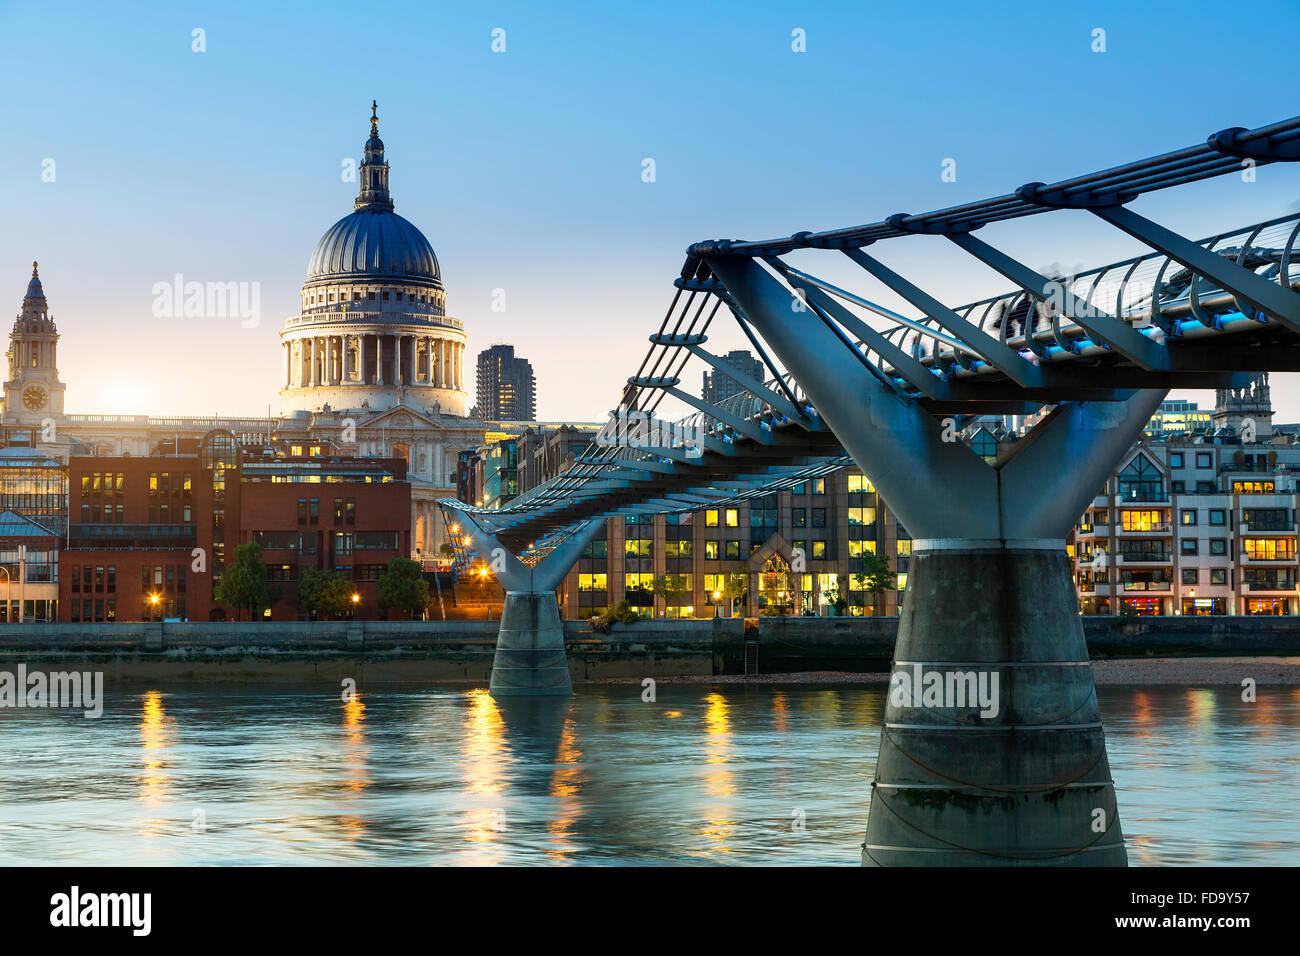 La passerelle du millénaire de Londres au crépuscule Photo Stock